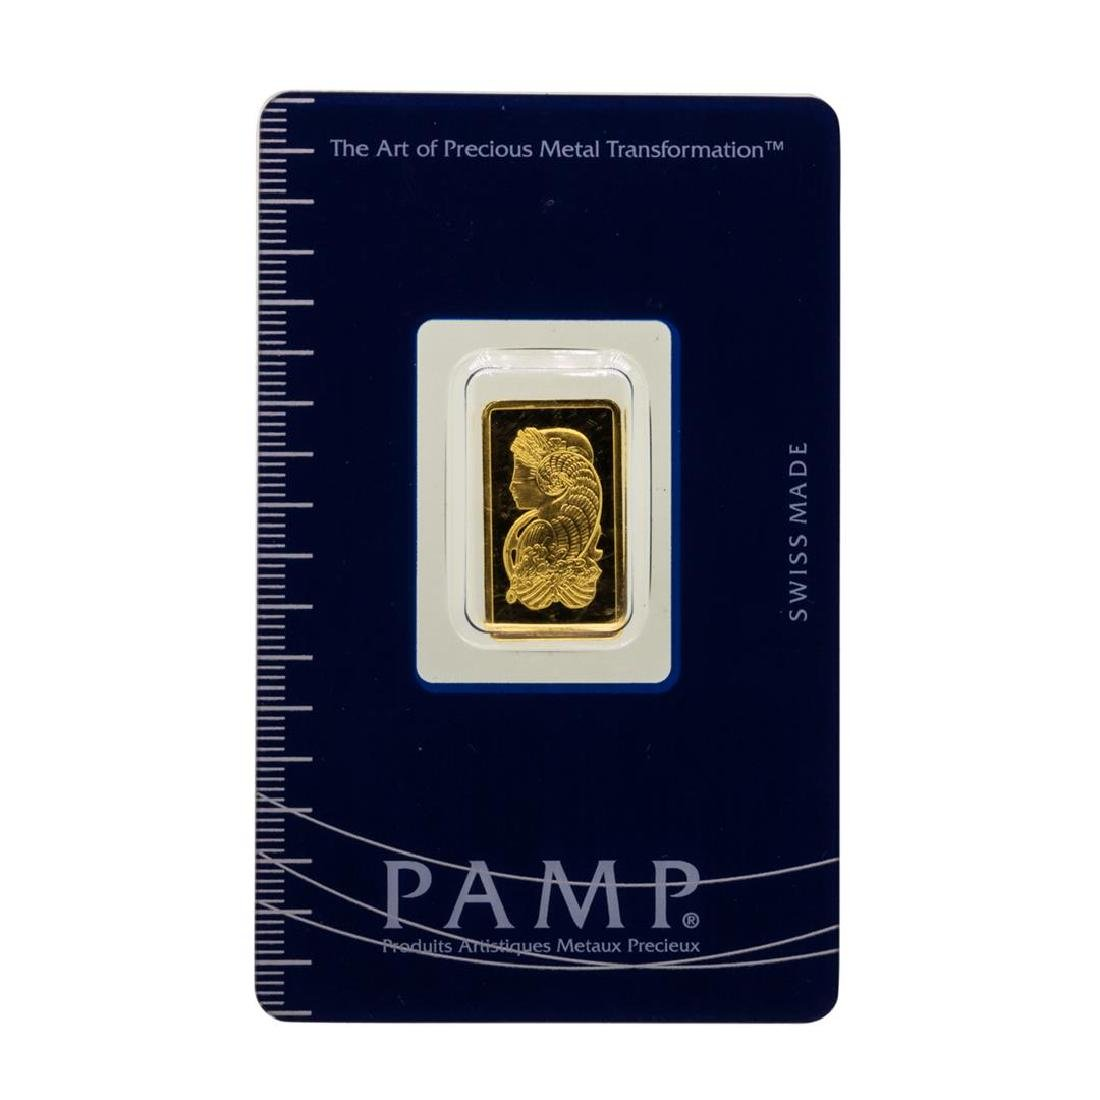 Suisse 2.5 Gram Fine Gold Pamp Gold Bar